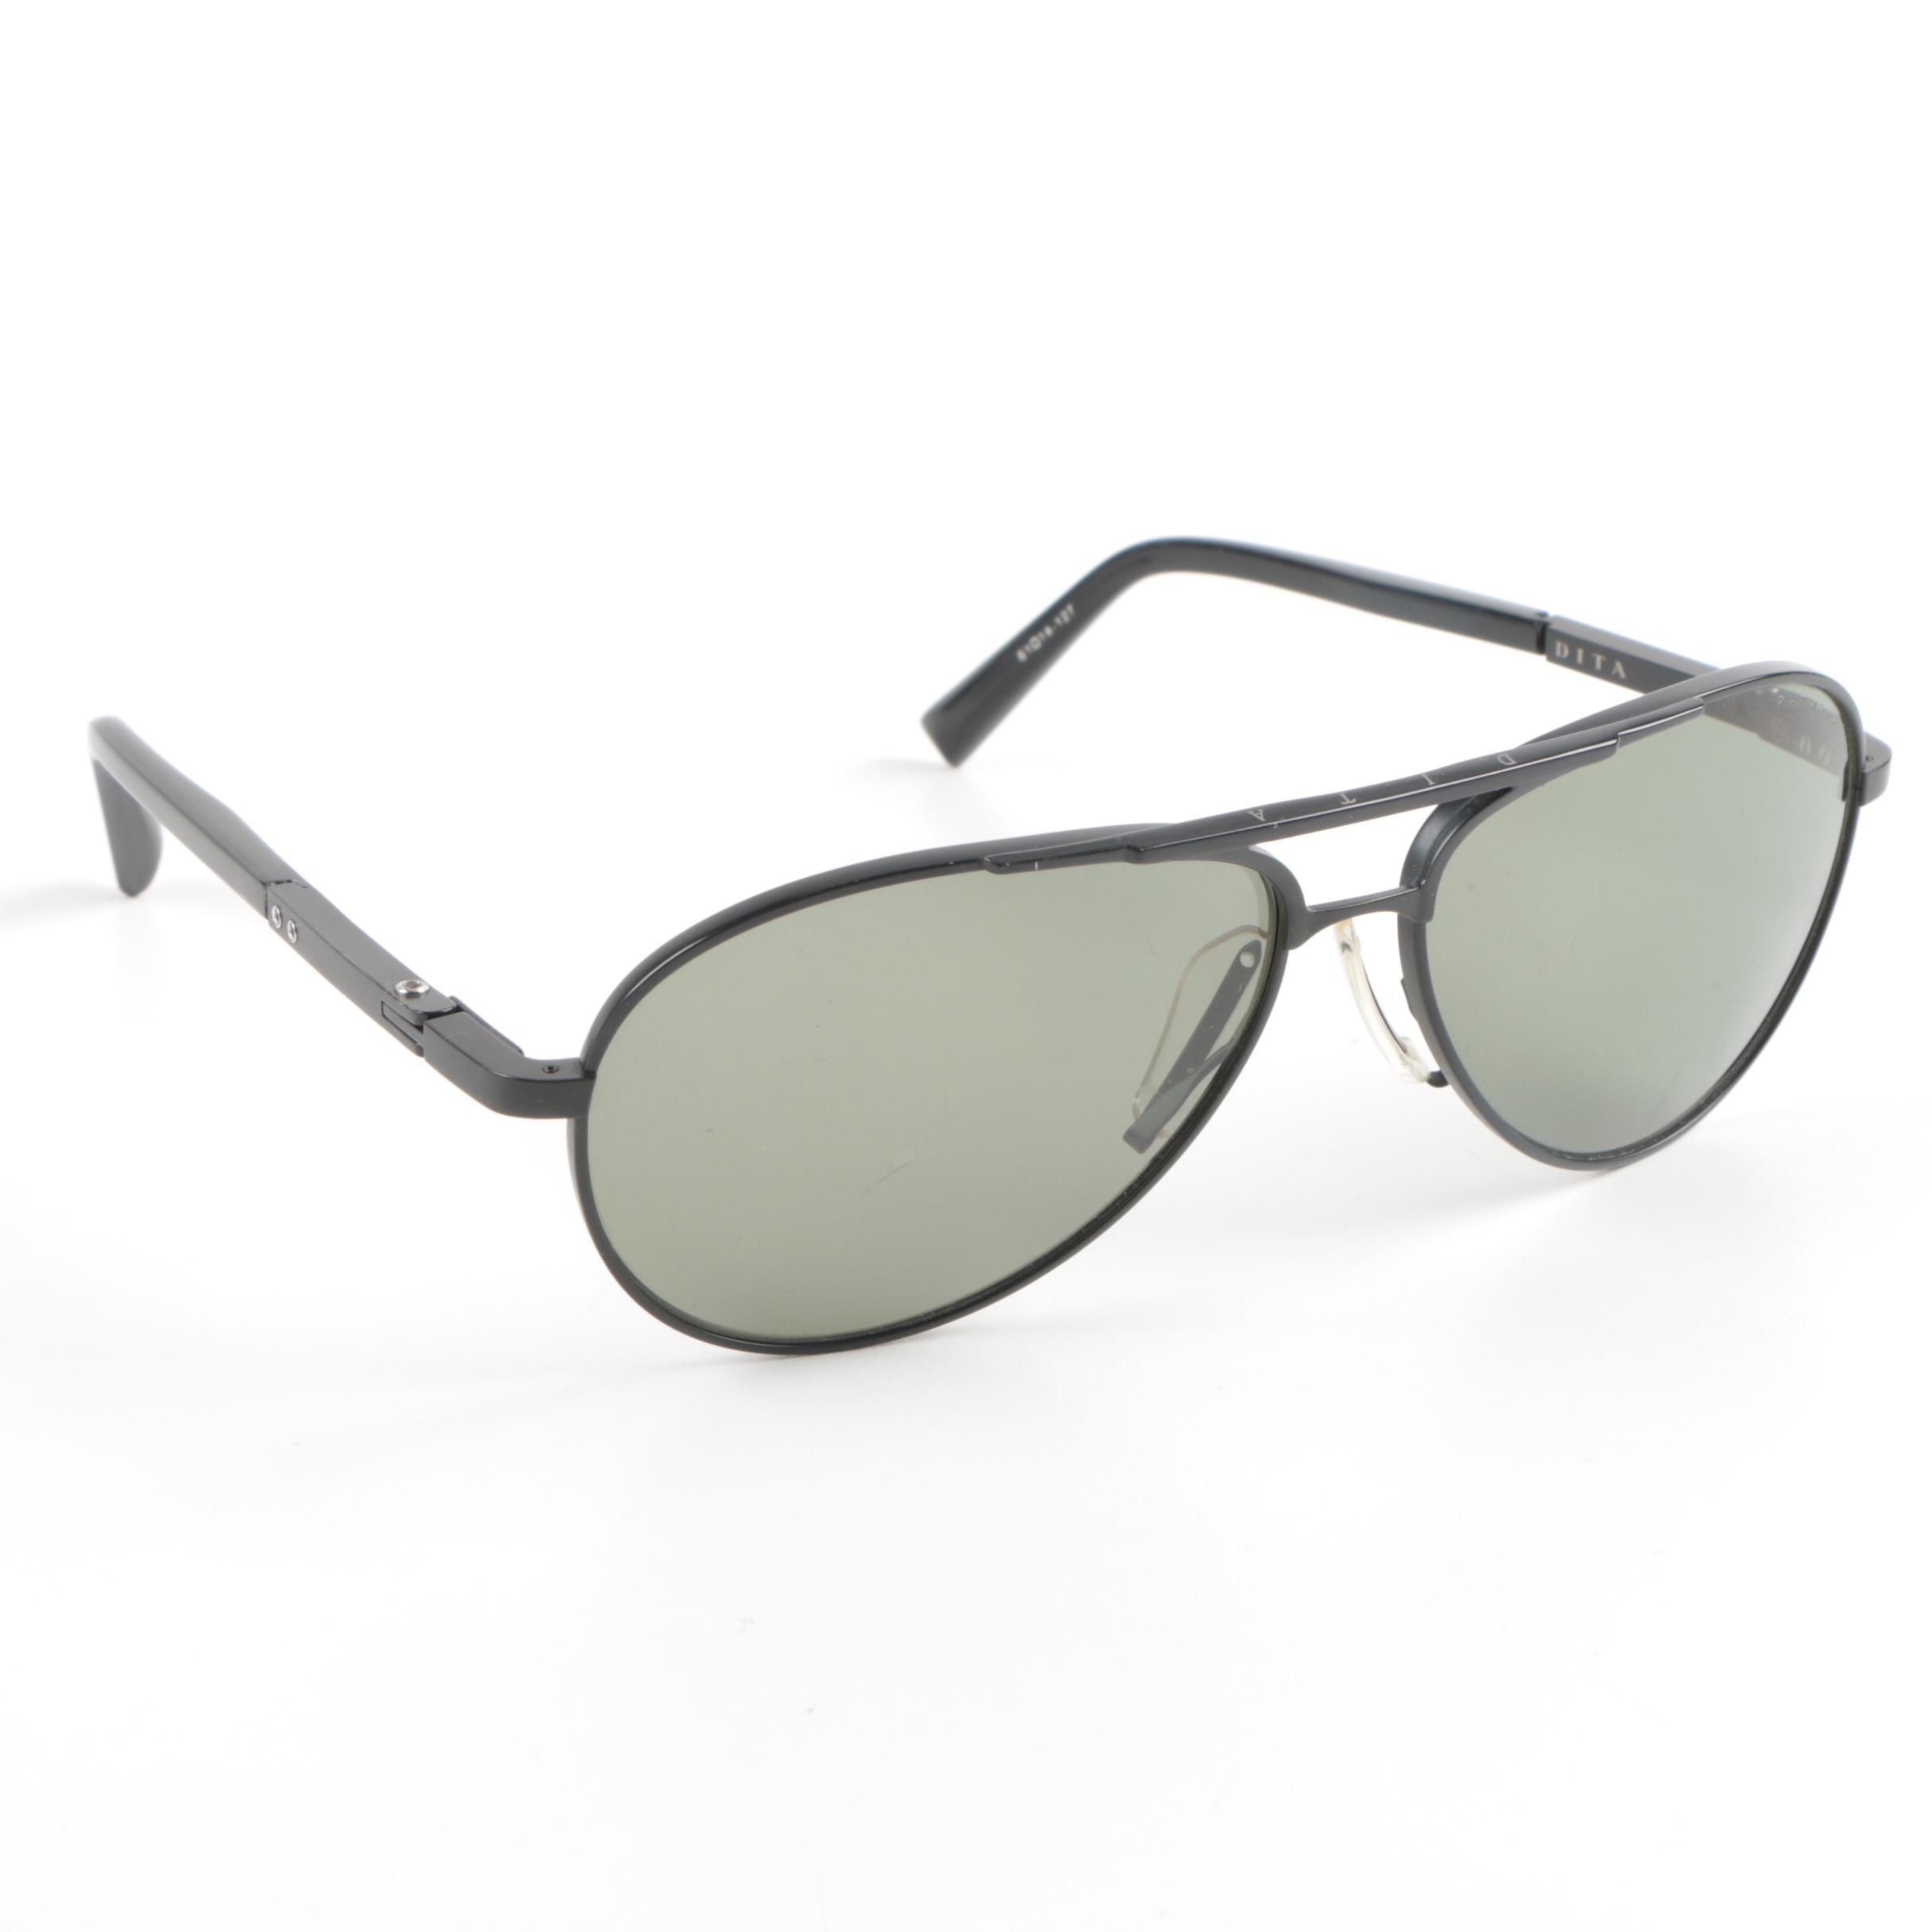 Dita Ambassador Sunglasses